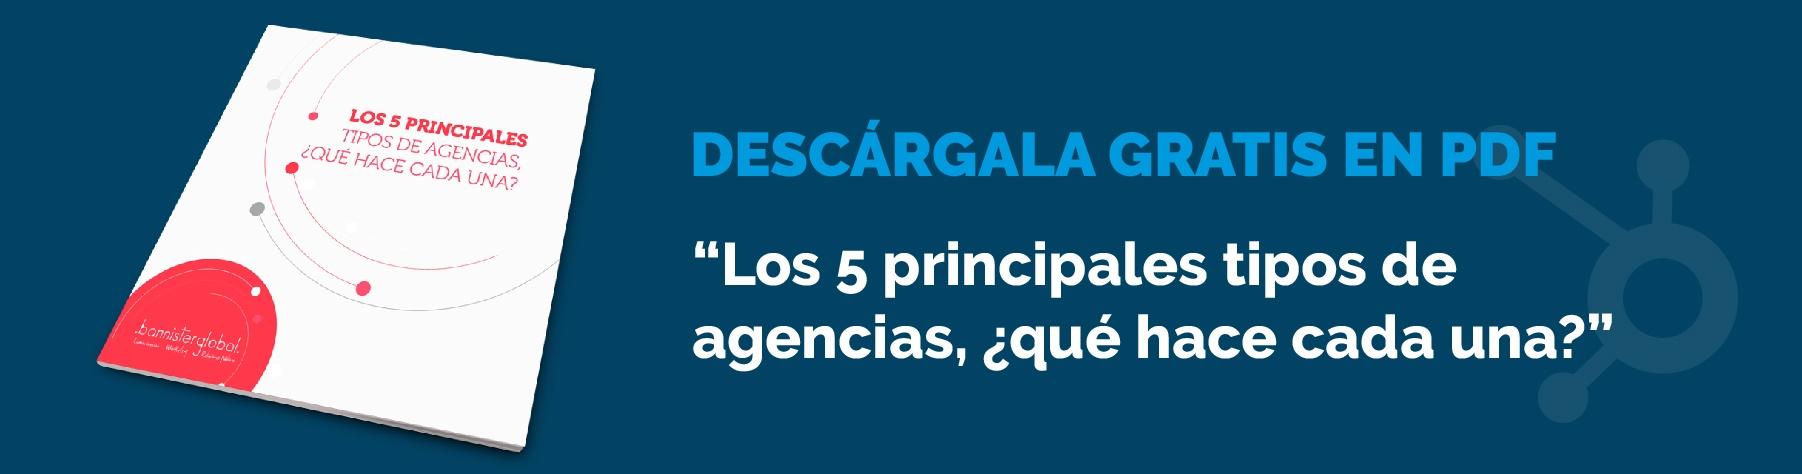 Los 5 principales tipos de agencias, ¿qué hace cada una?